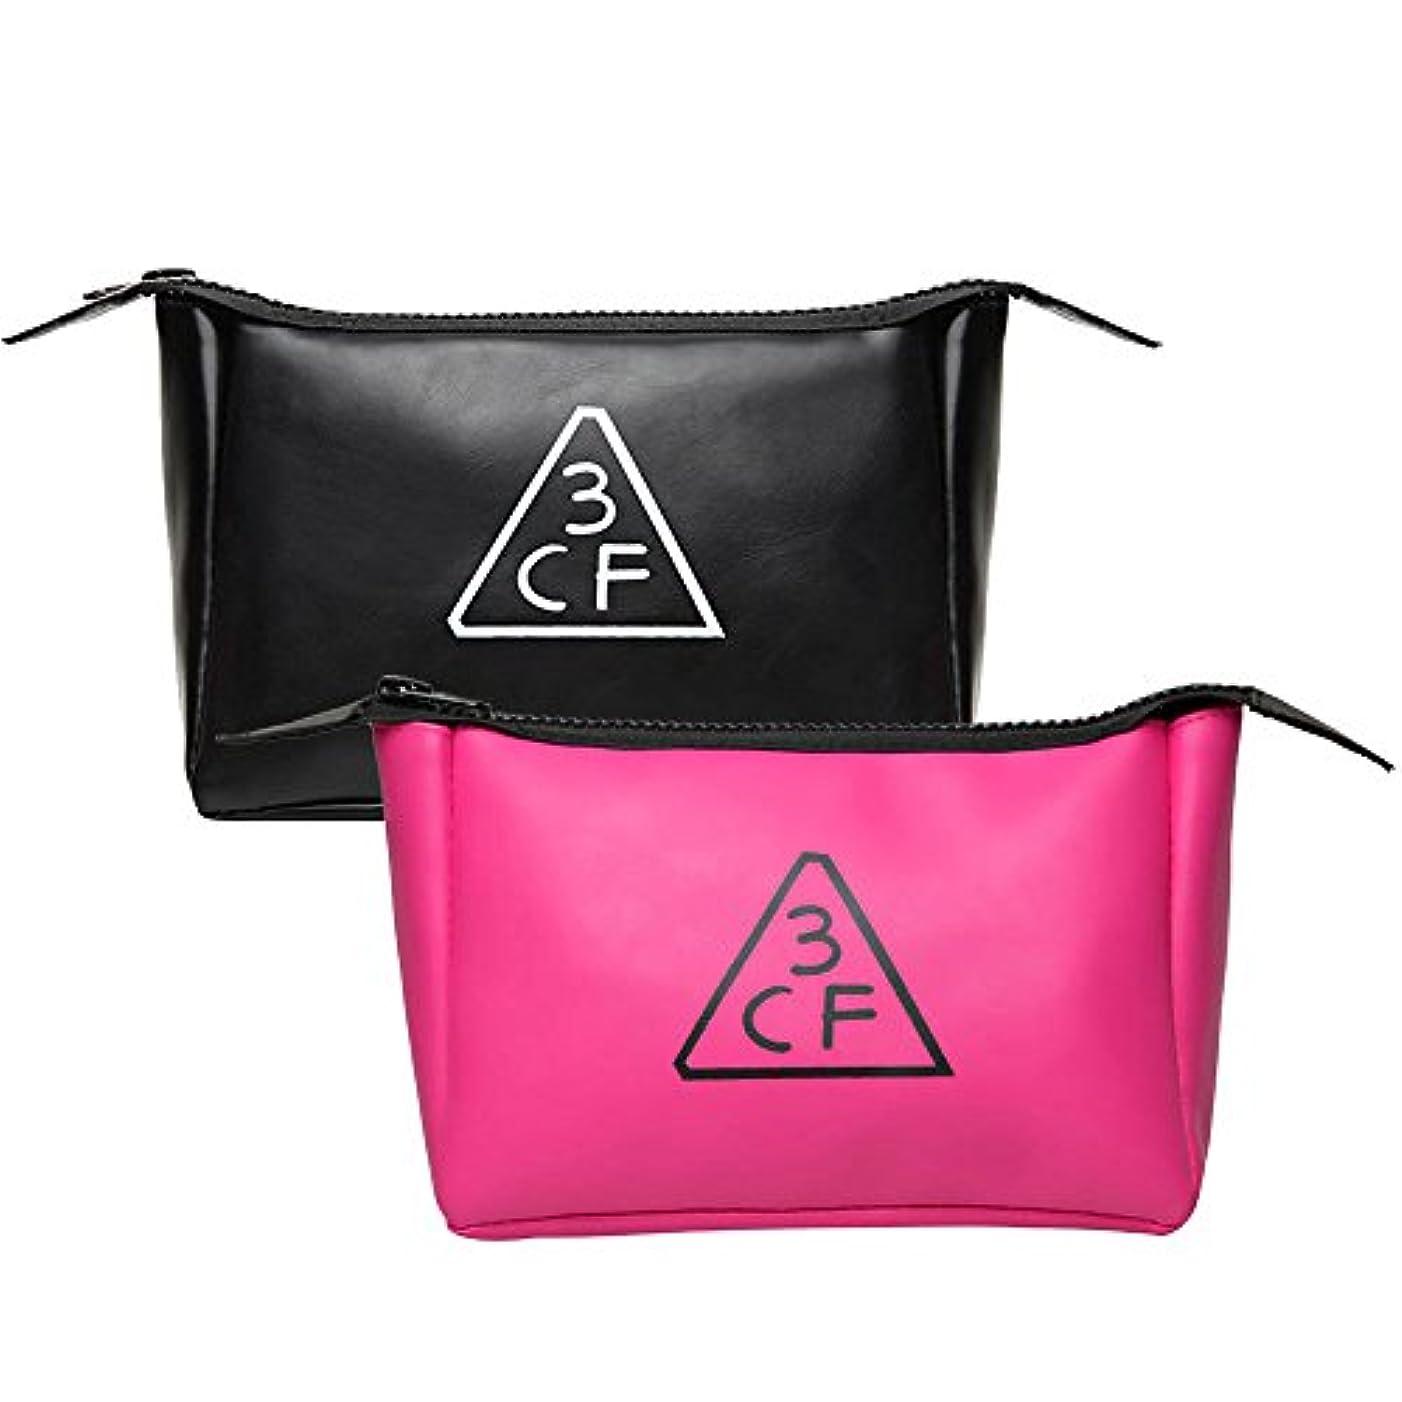 摘むトラック汚物韓国コスメ 化粧ポーチ レディース PINK Style 人気 コスメポーチ スタイルナンダ ポーチ 大容量 かわいい ピンク 小さい ブランド 黒